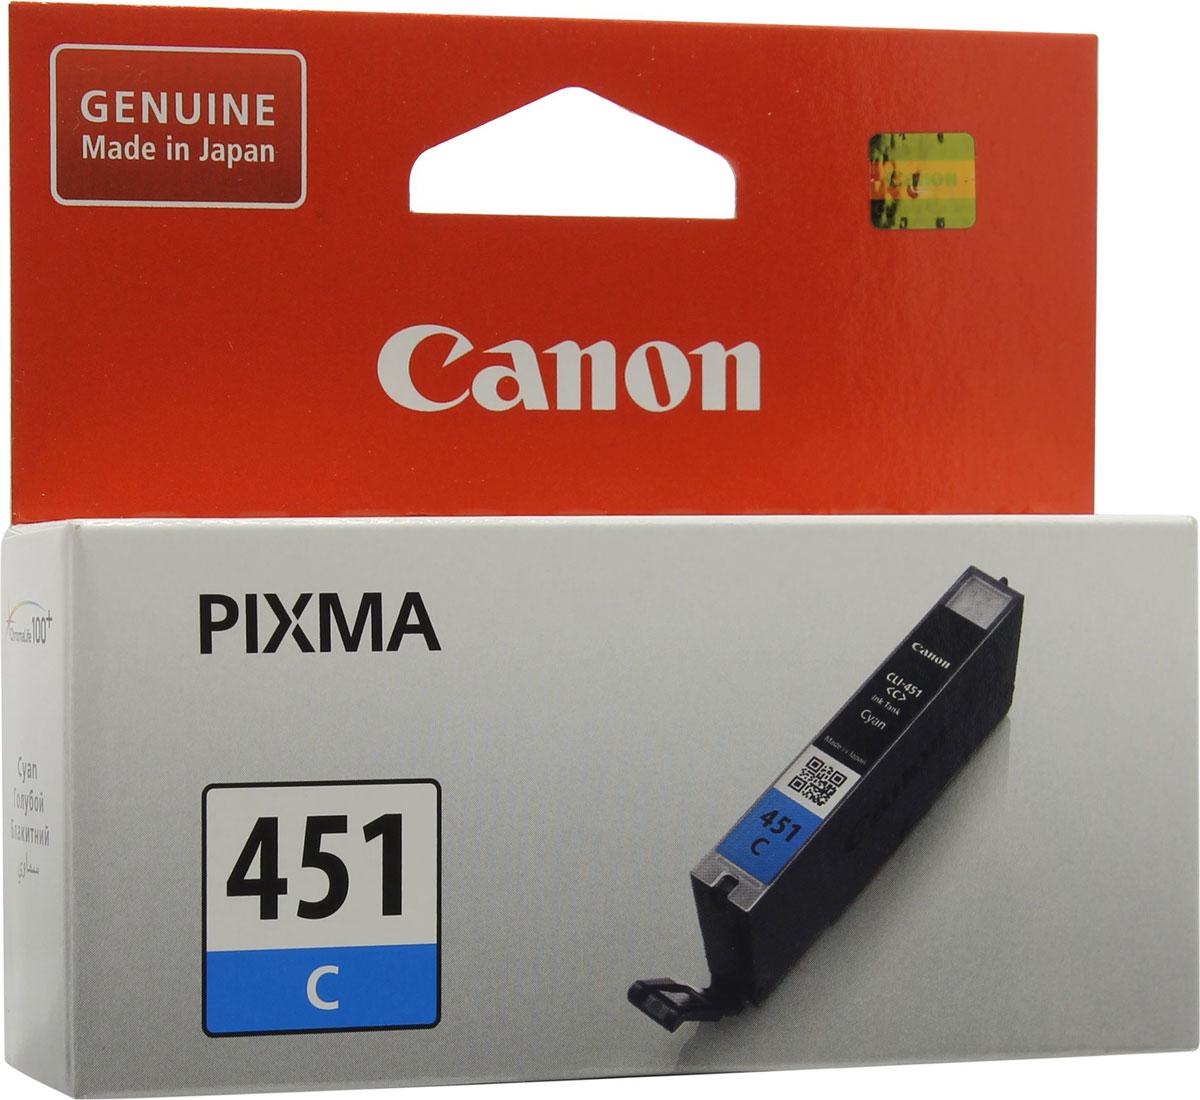 Картридж Canon CLI-451, голубой, для струйного принтера, оригинал